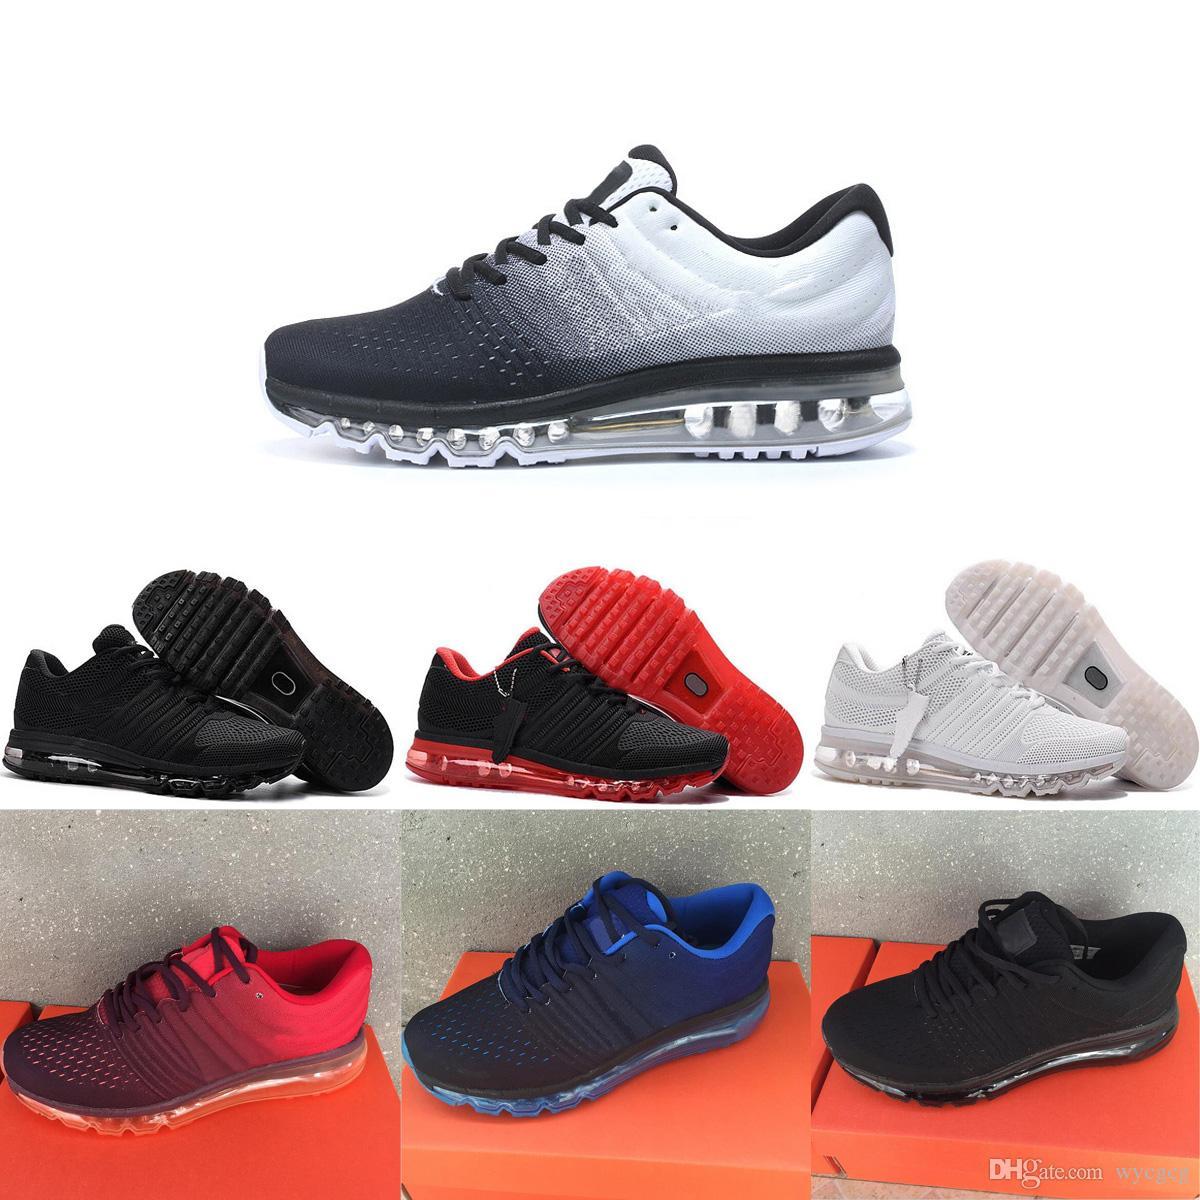 promo code 99098 30c99 Acheter Nike Air Max 2017 Airmax 2017 Nouveau Maxes 2018 KPU II Prix  Discount Hommes Femmes Chaussures De Course Avec Top Qualité Mode Sports De  Plein Air ...